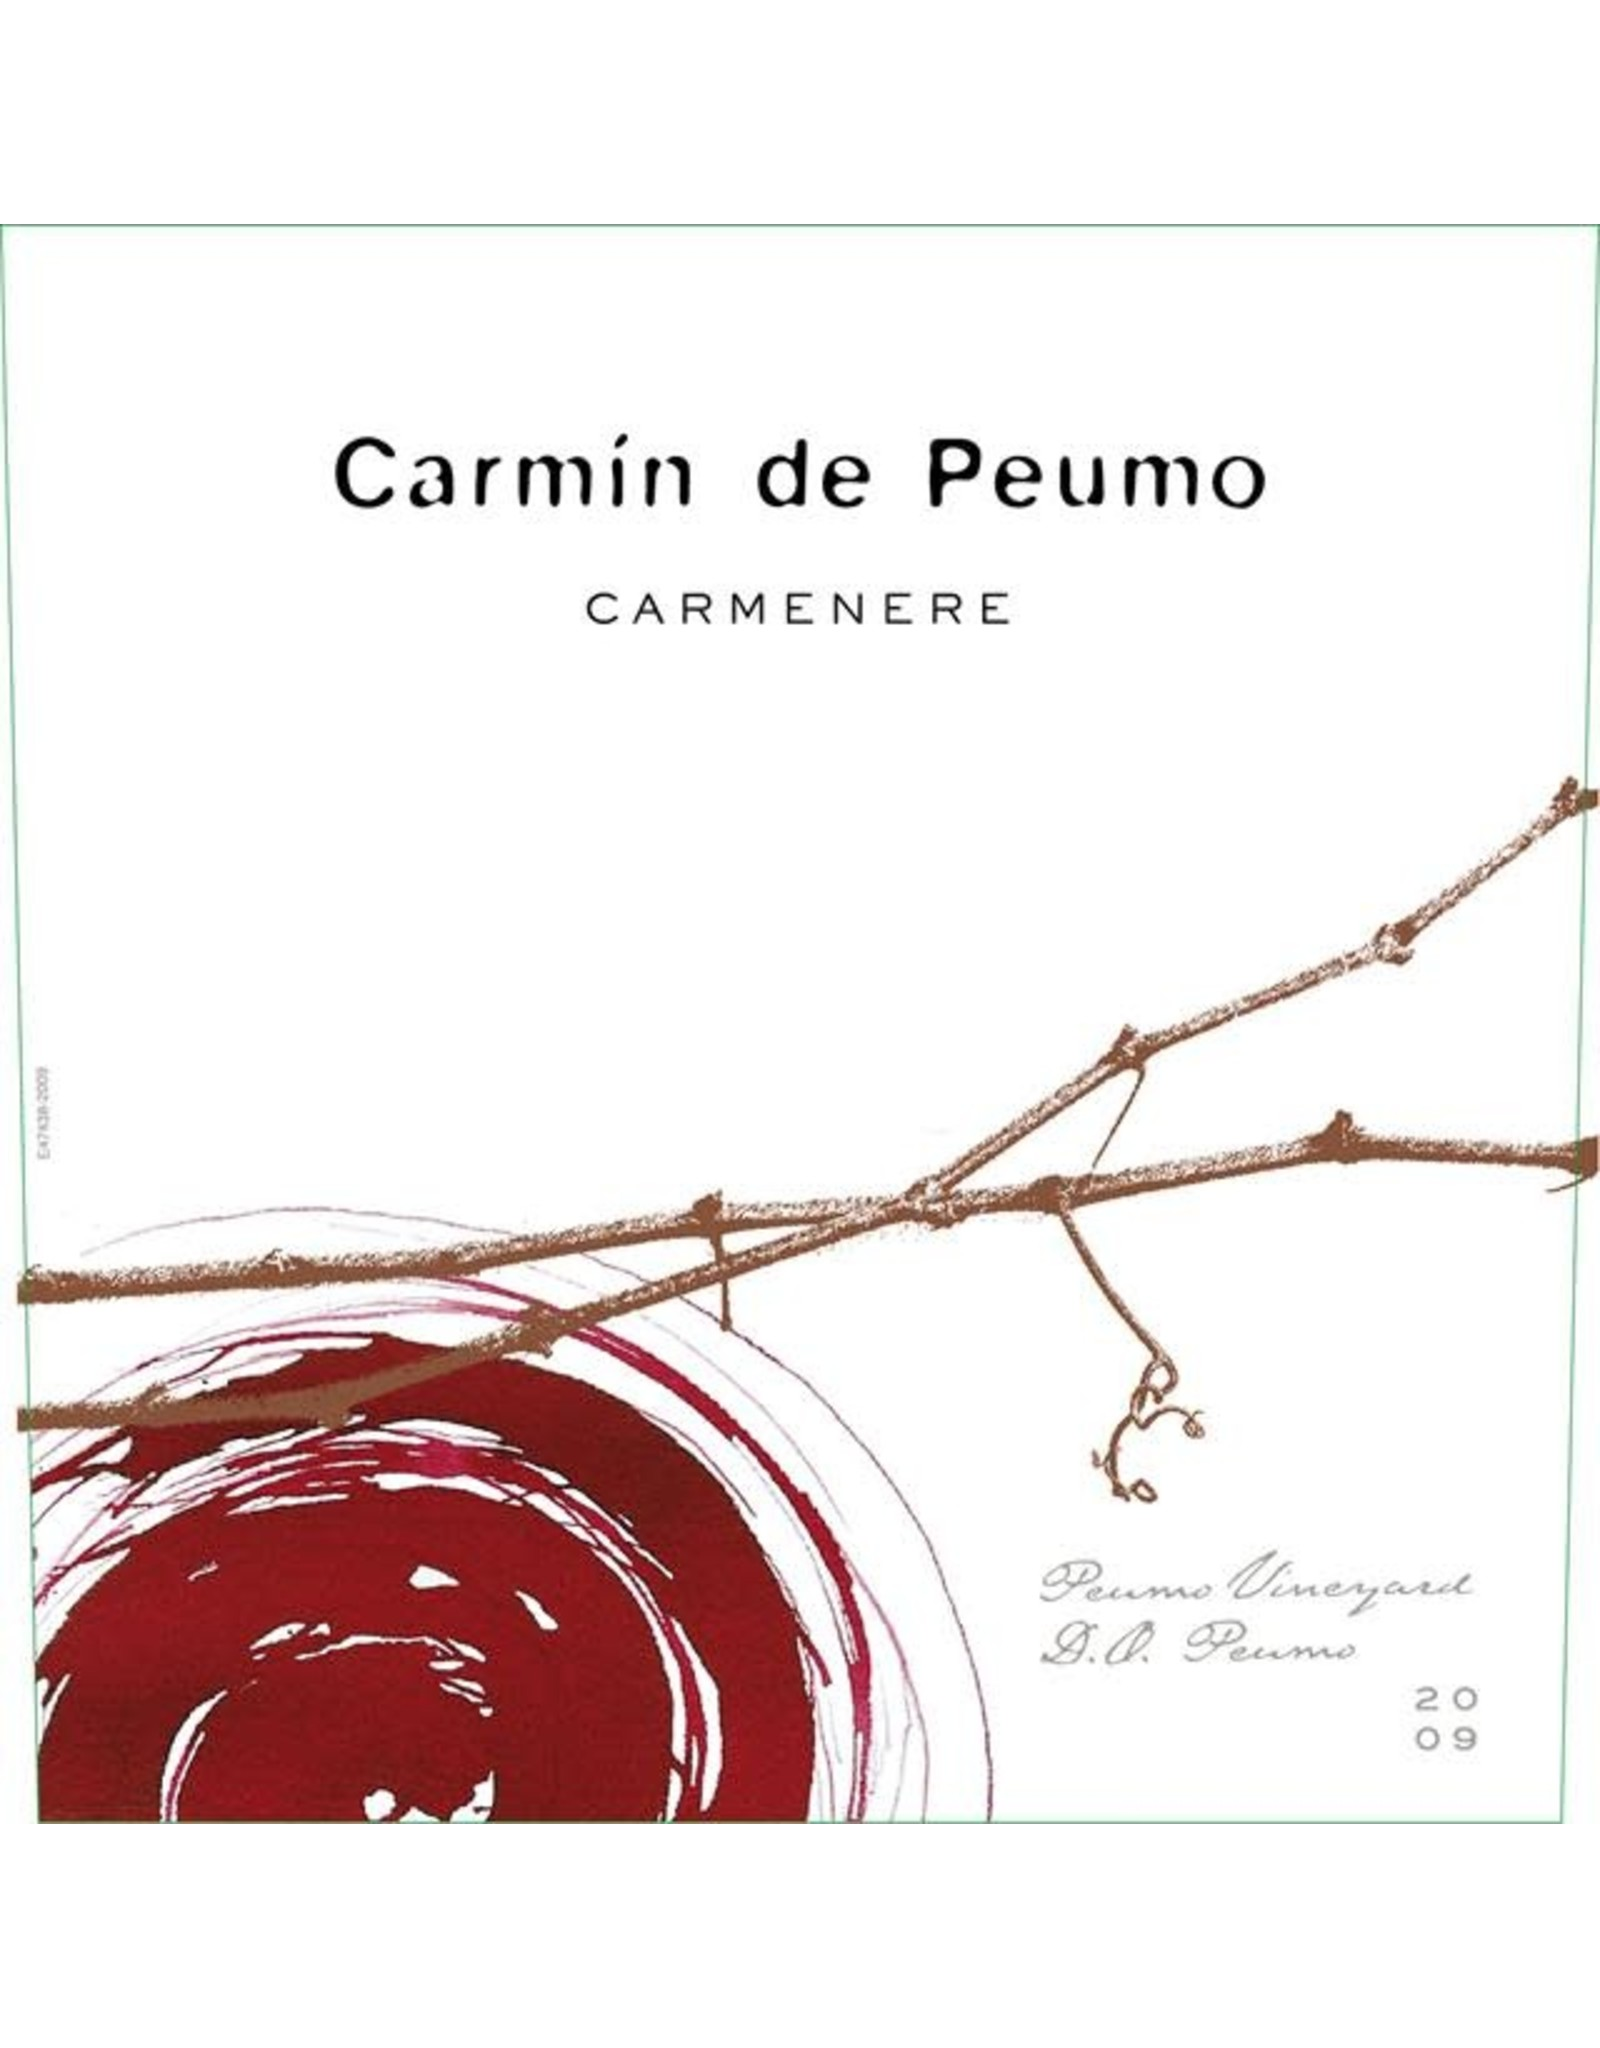 CARMIN DE PEUMO